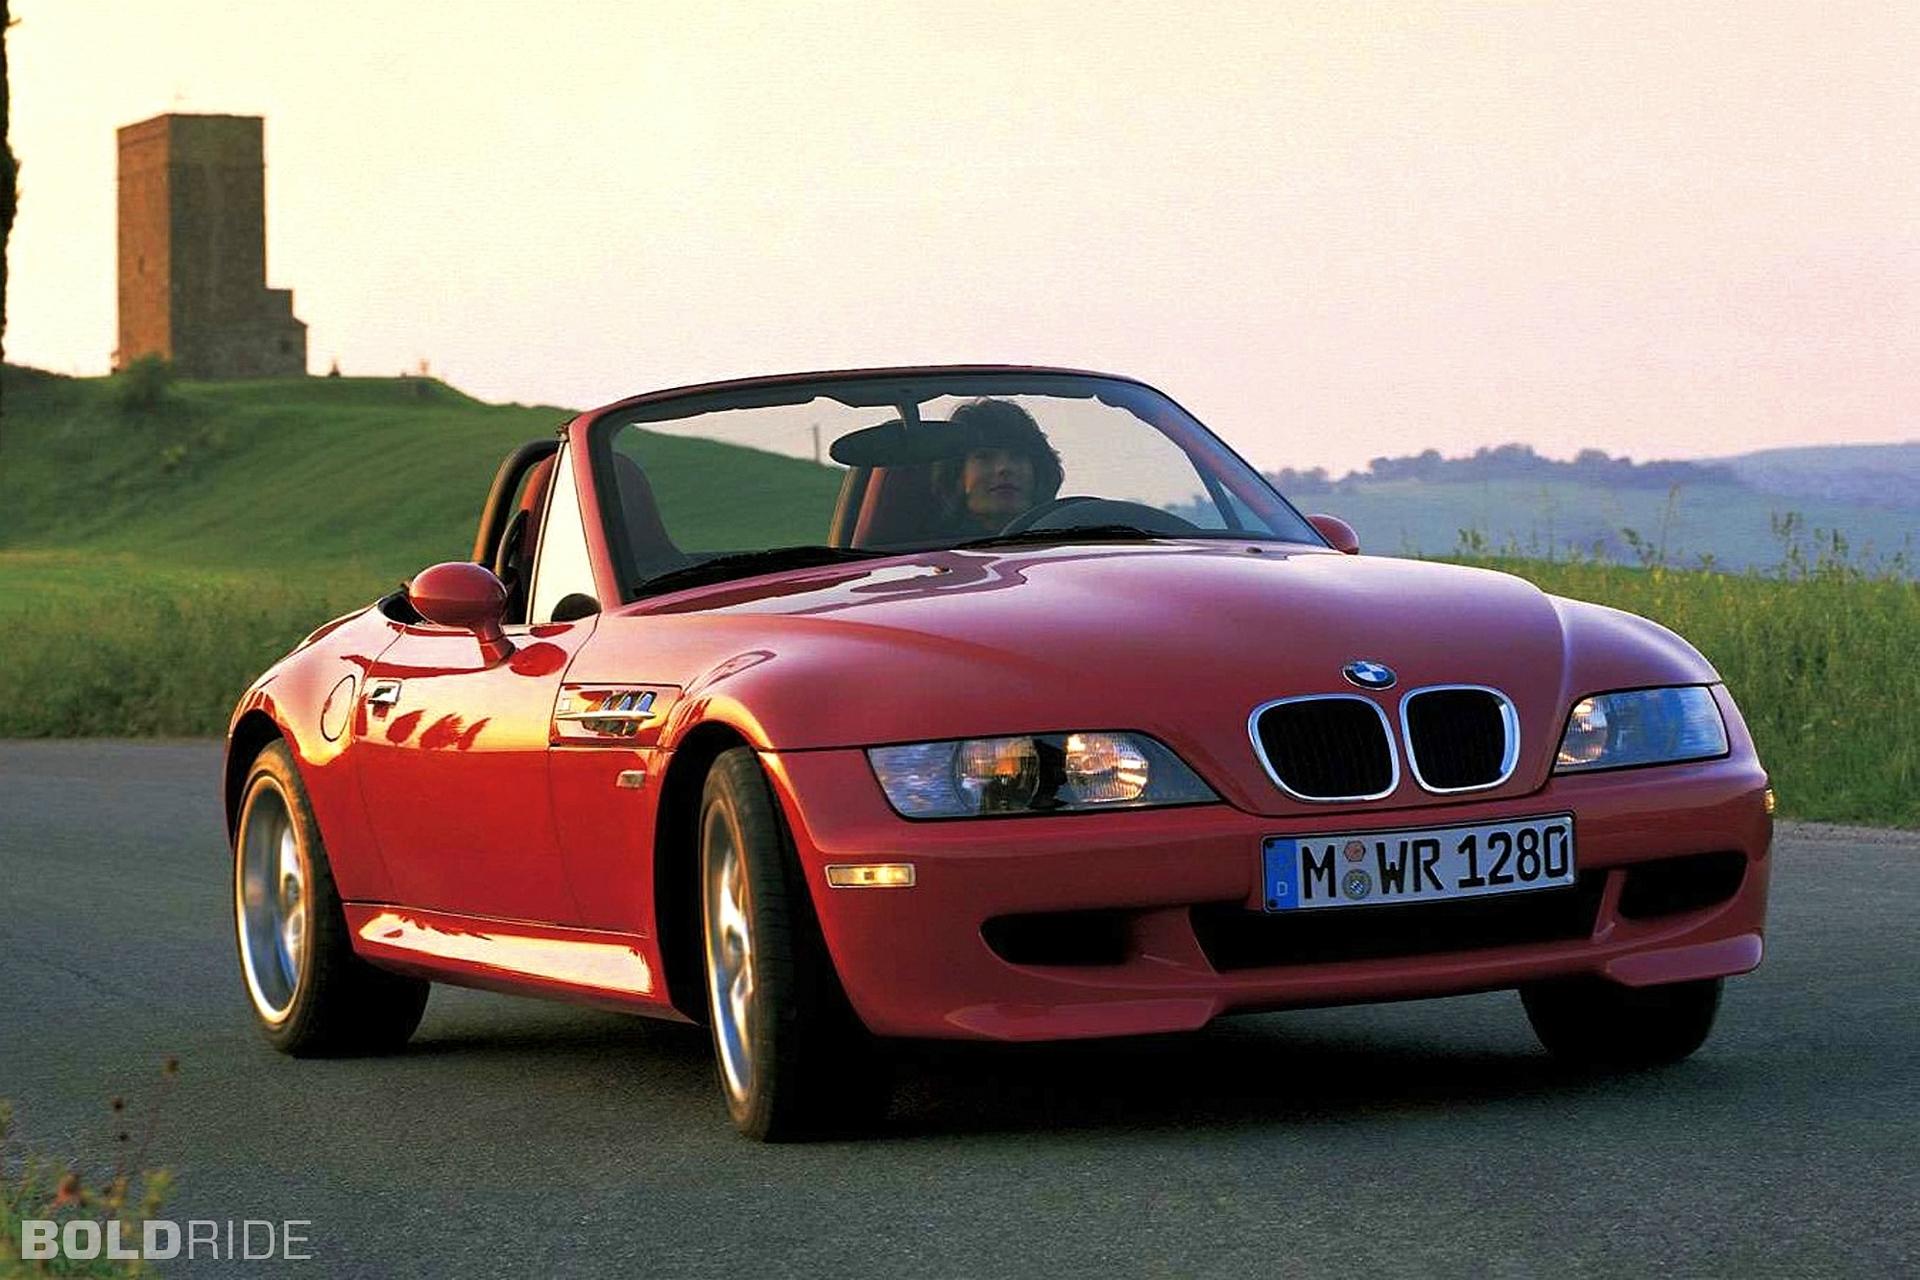 BMW Z M Roadster - 1999 bmw z3 m roadster